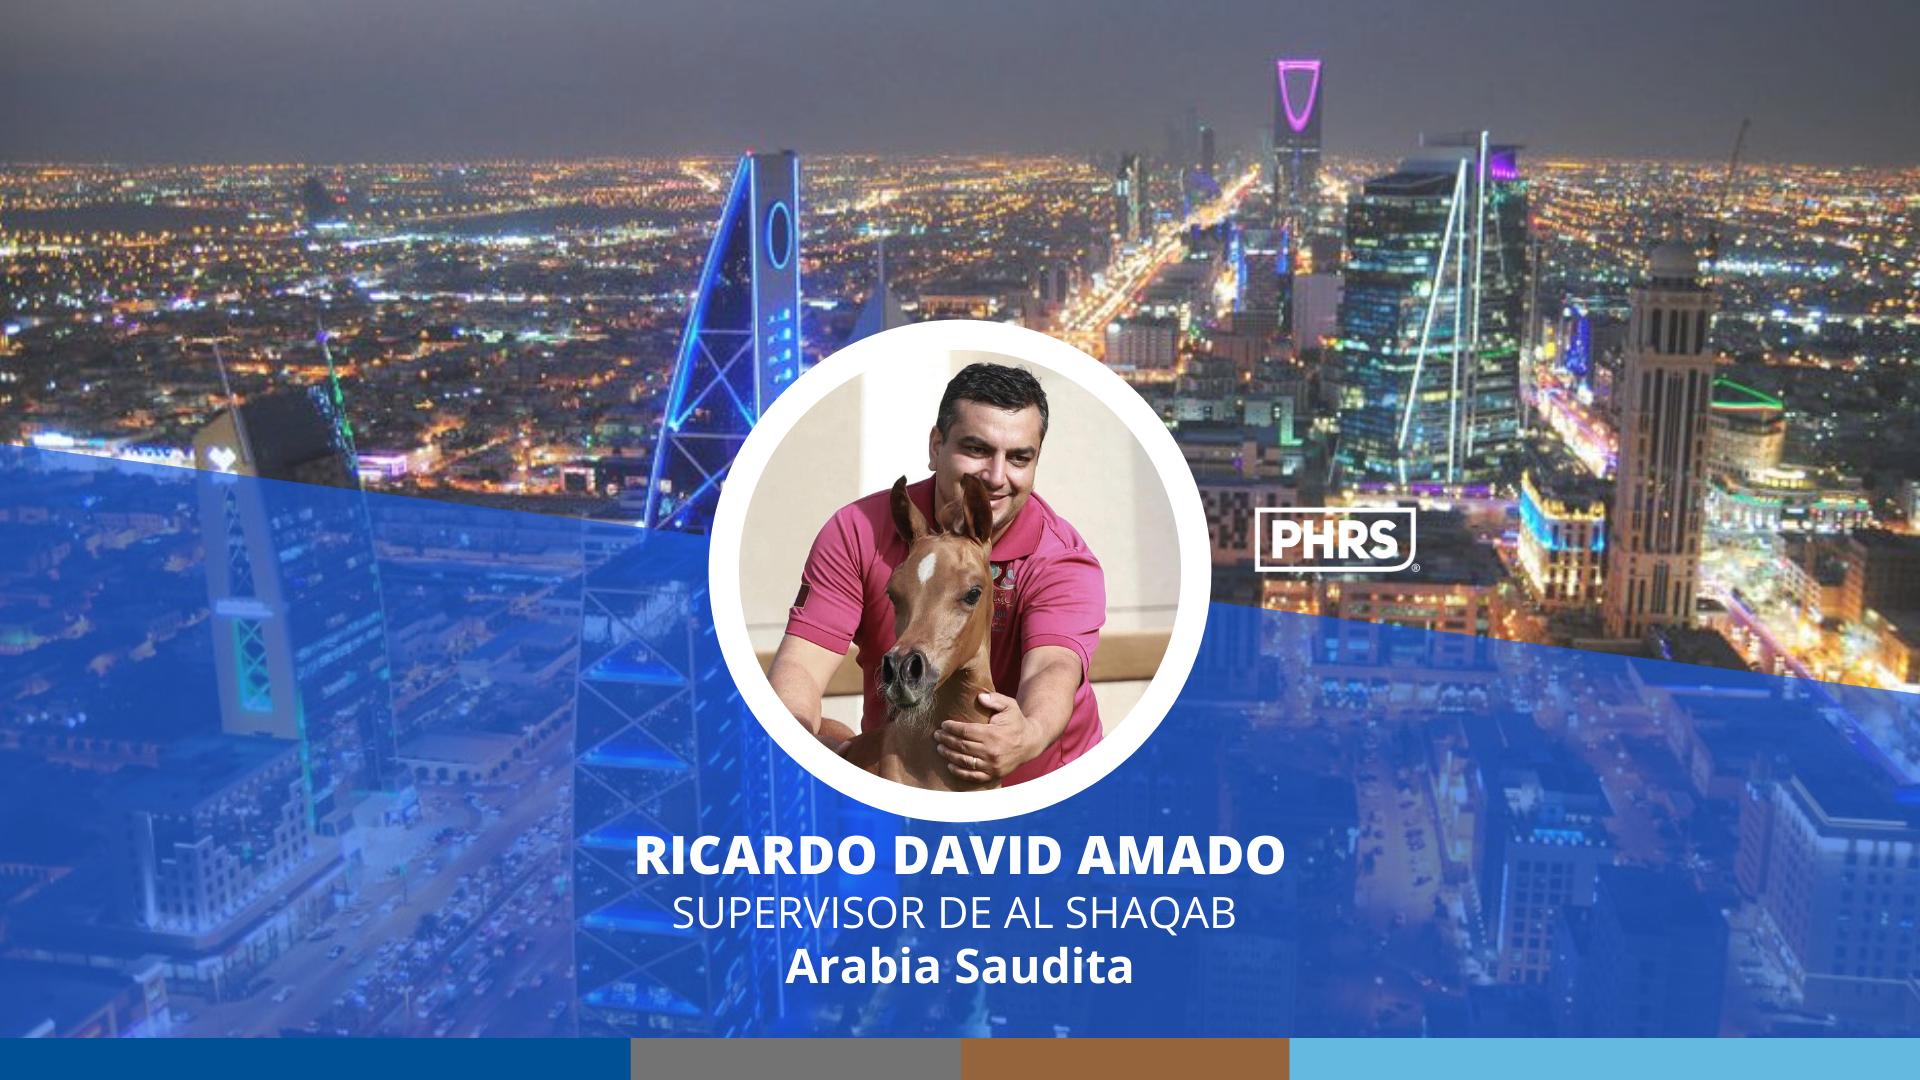 Experiences | Ricardo David Amado